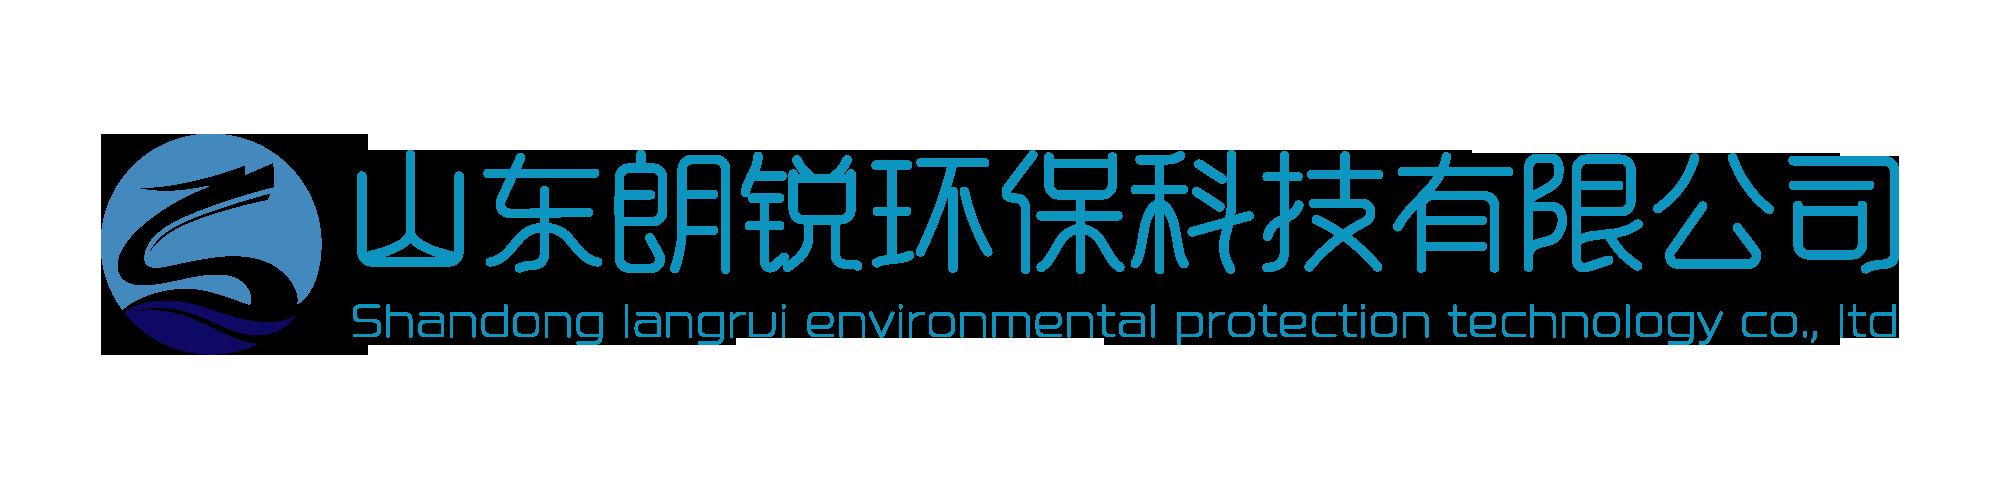 山东朗锐环保科技有限公司